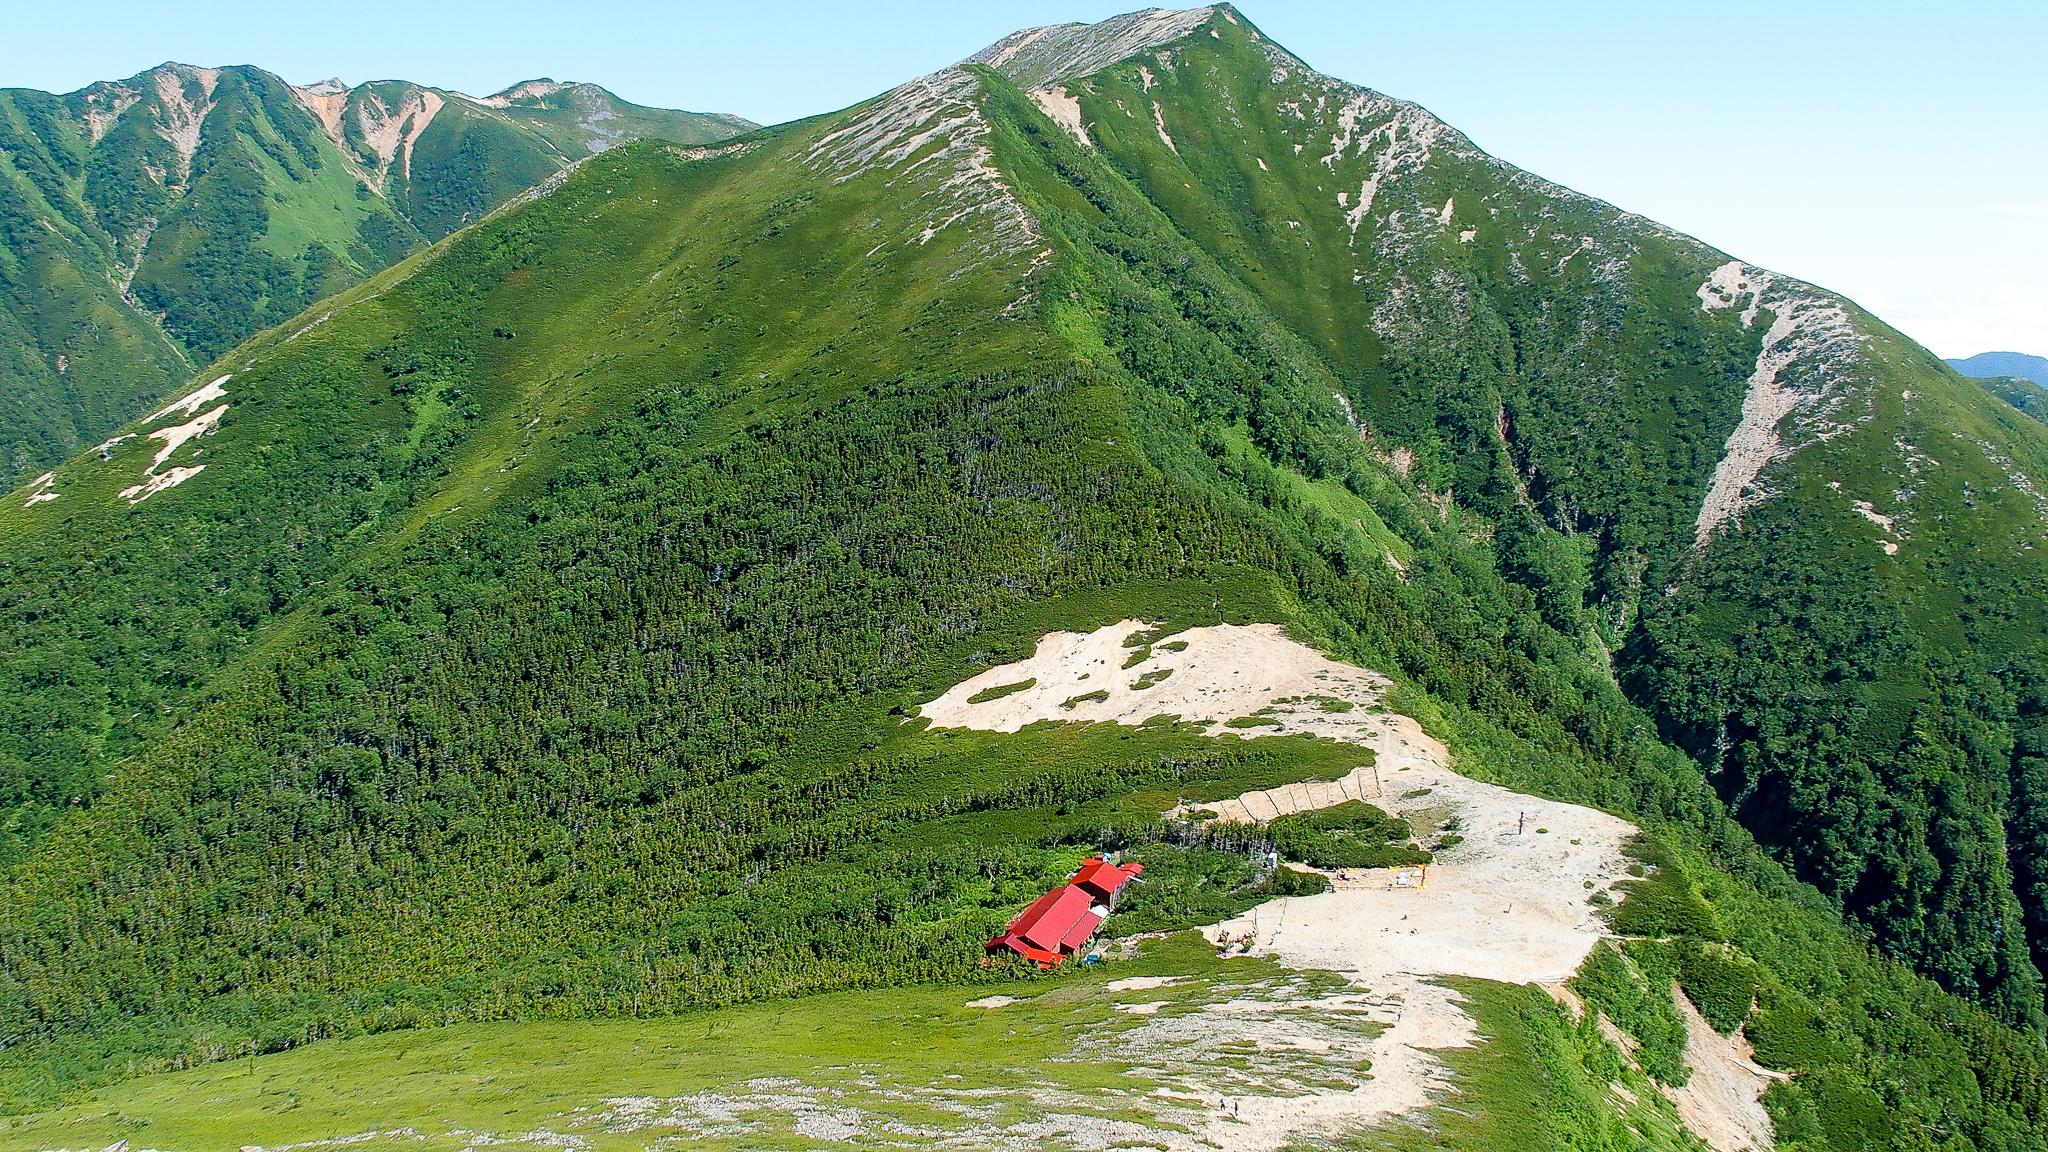 常念岳・常念岳から常念小屋、横通岳、大天井岳